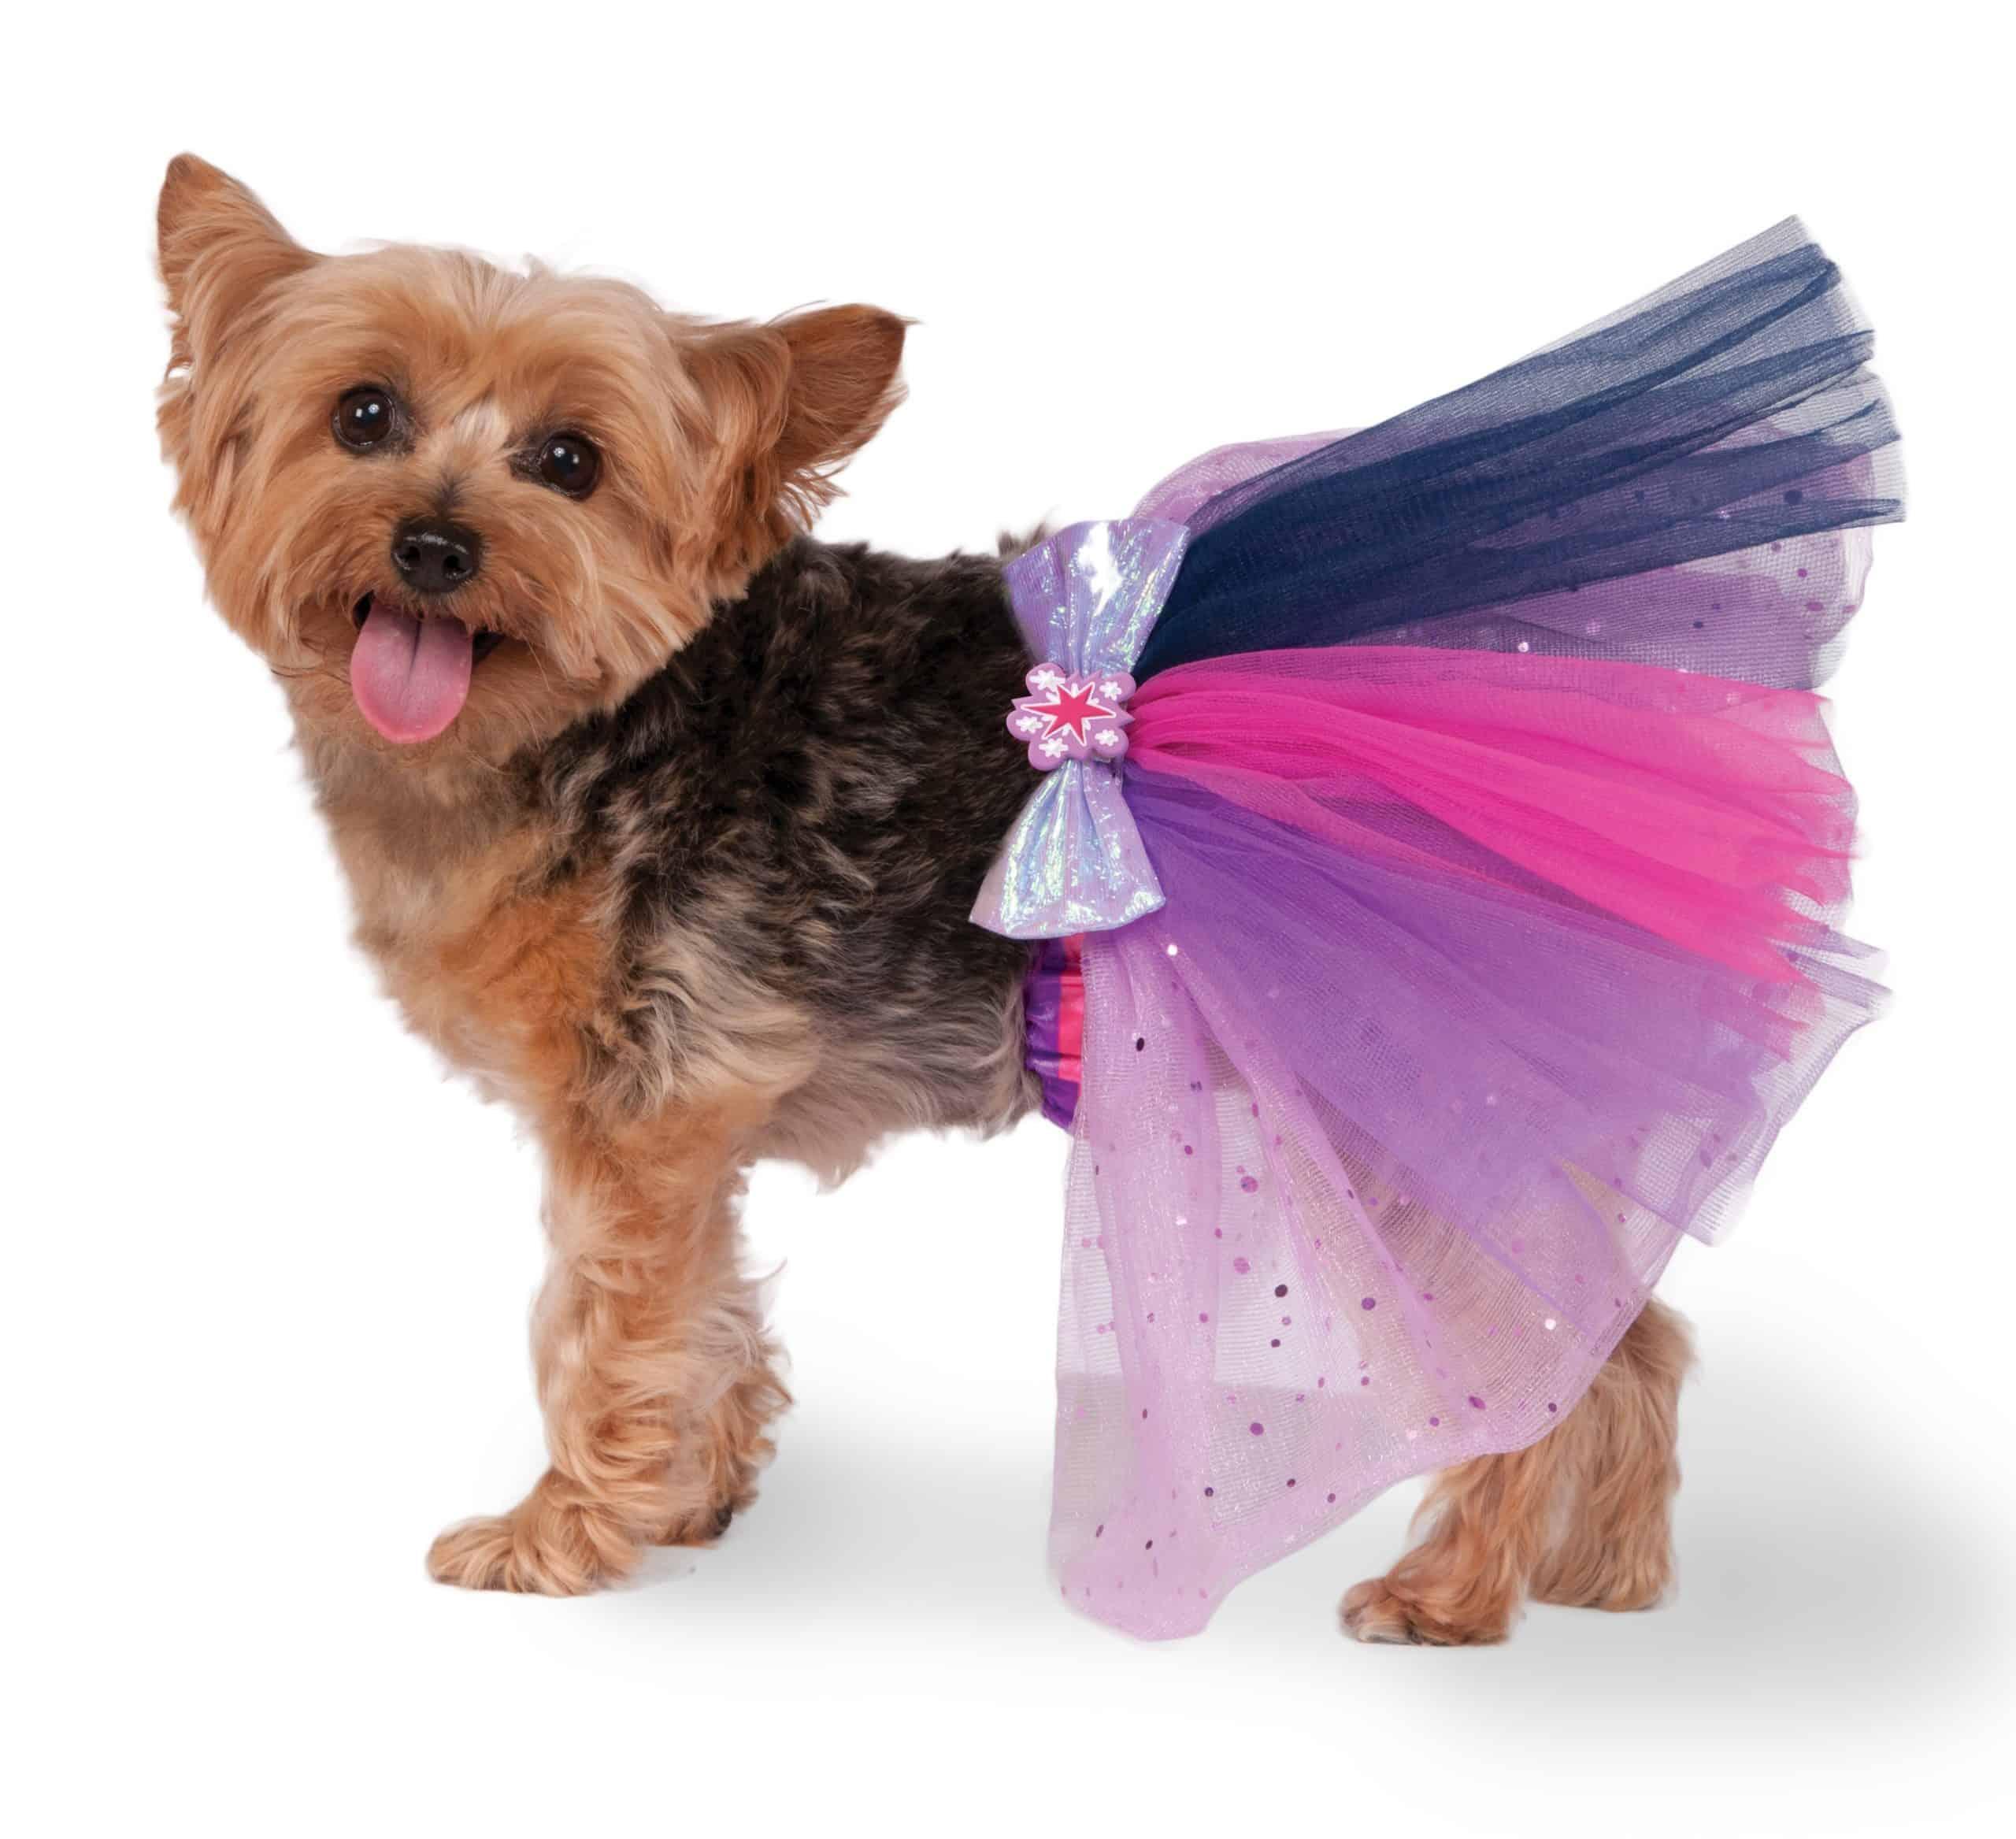 My Little Pony Twilight Sparkle Dog Tutu Costume